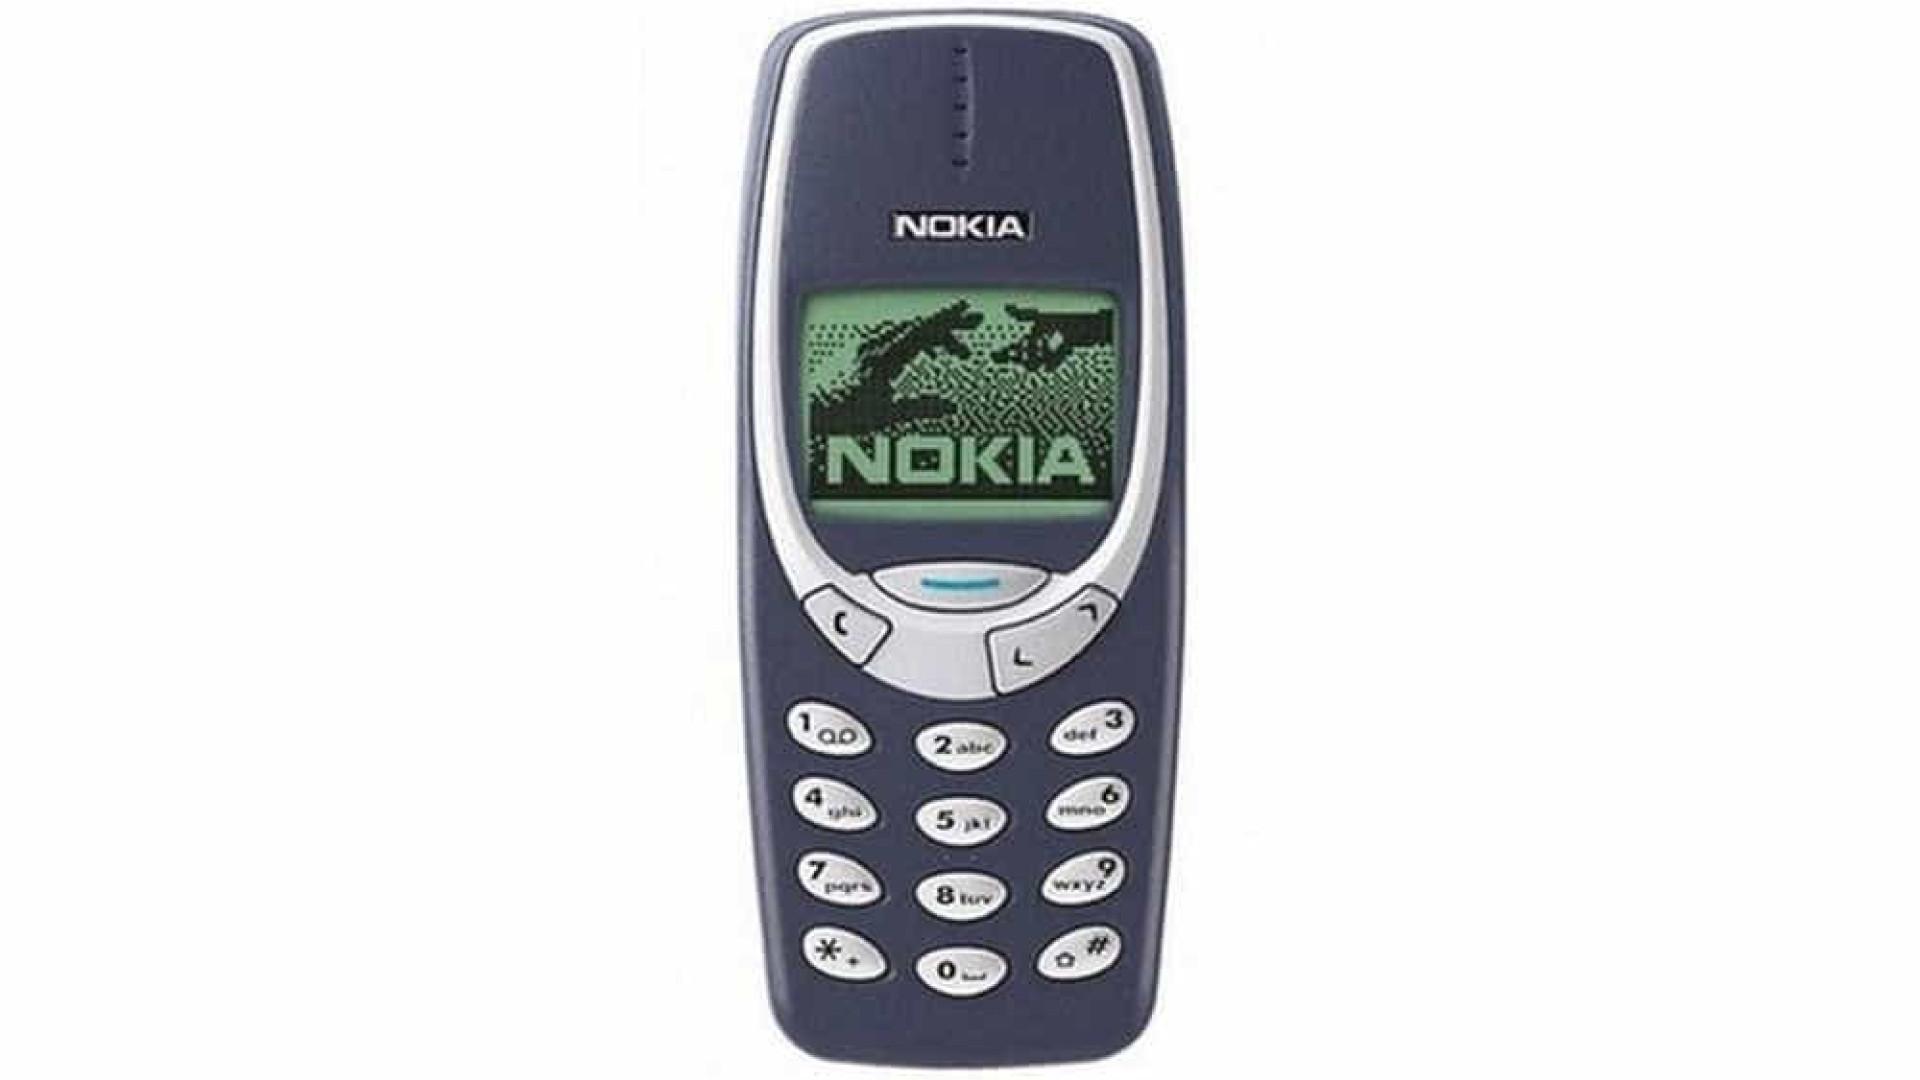 'Tijolão' da Nokia está sendo reaproveitado como brinquedo sexual